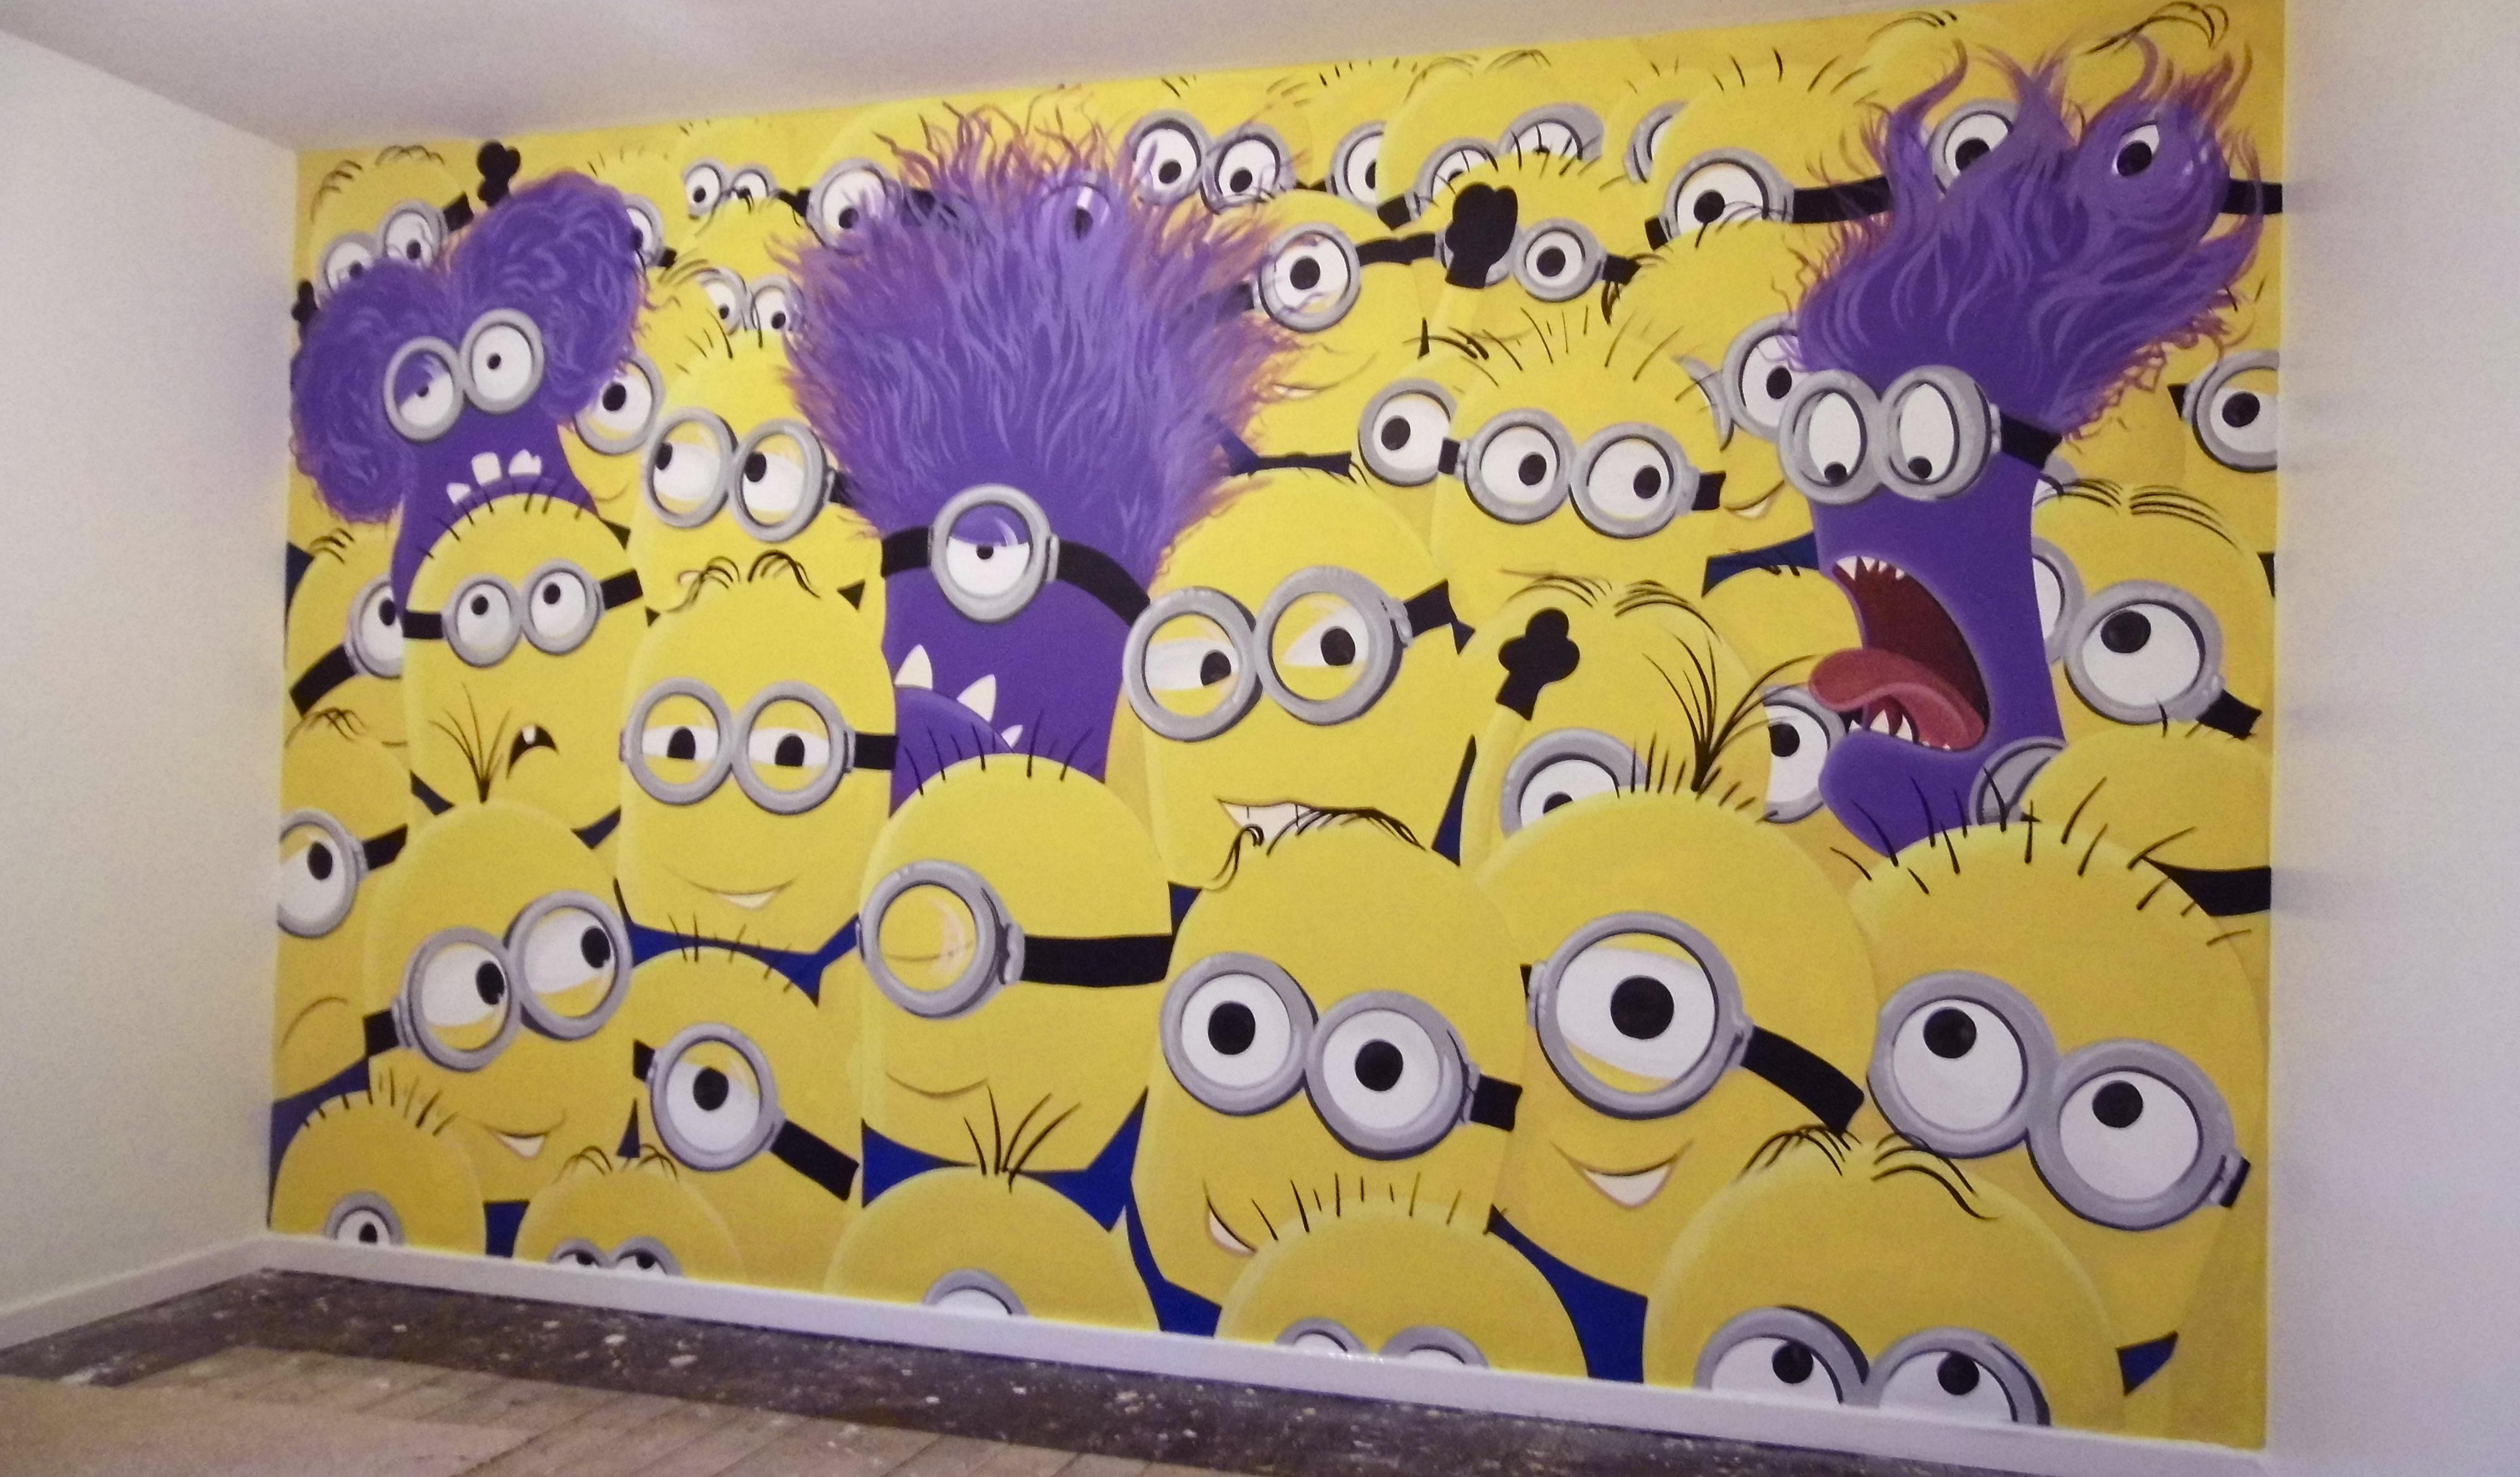 Minions Wall Mural